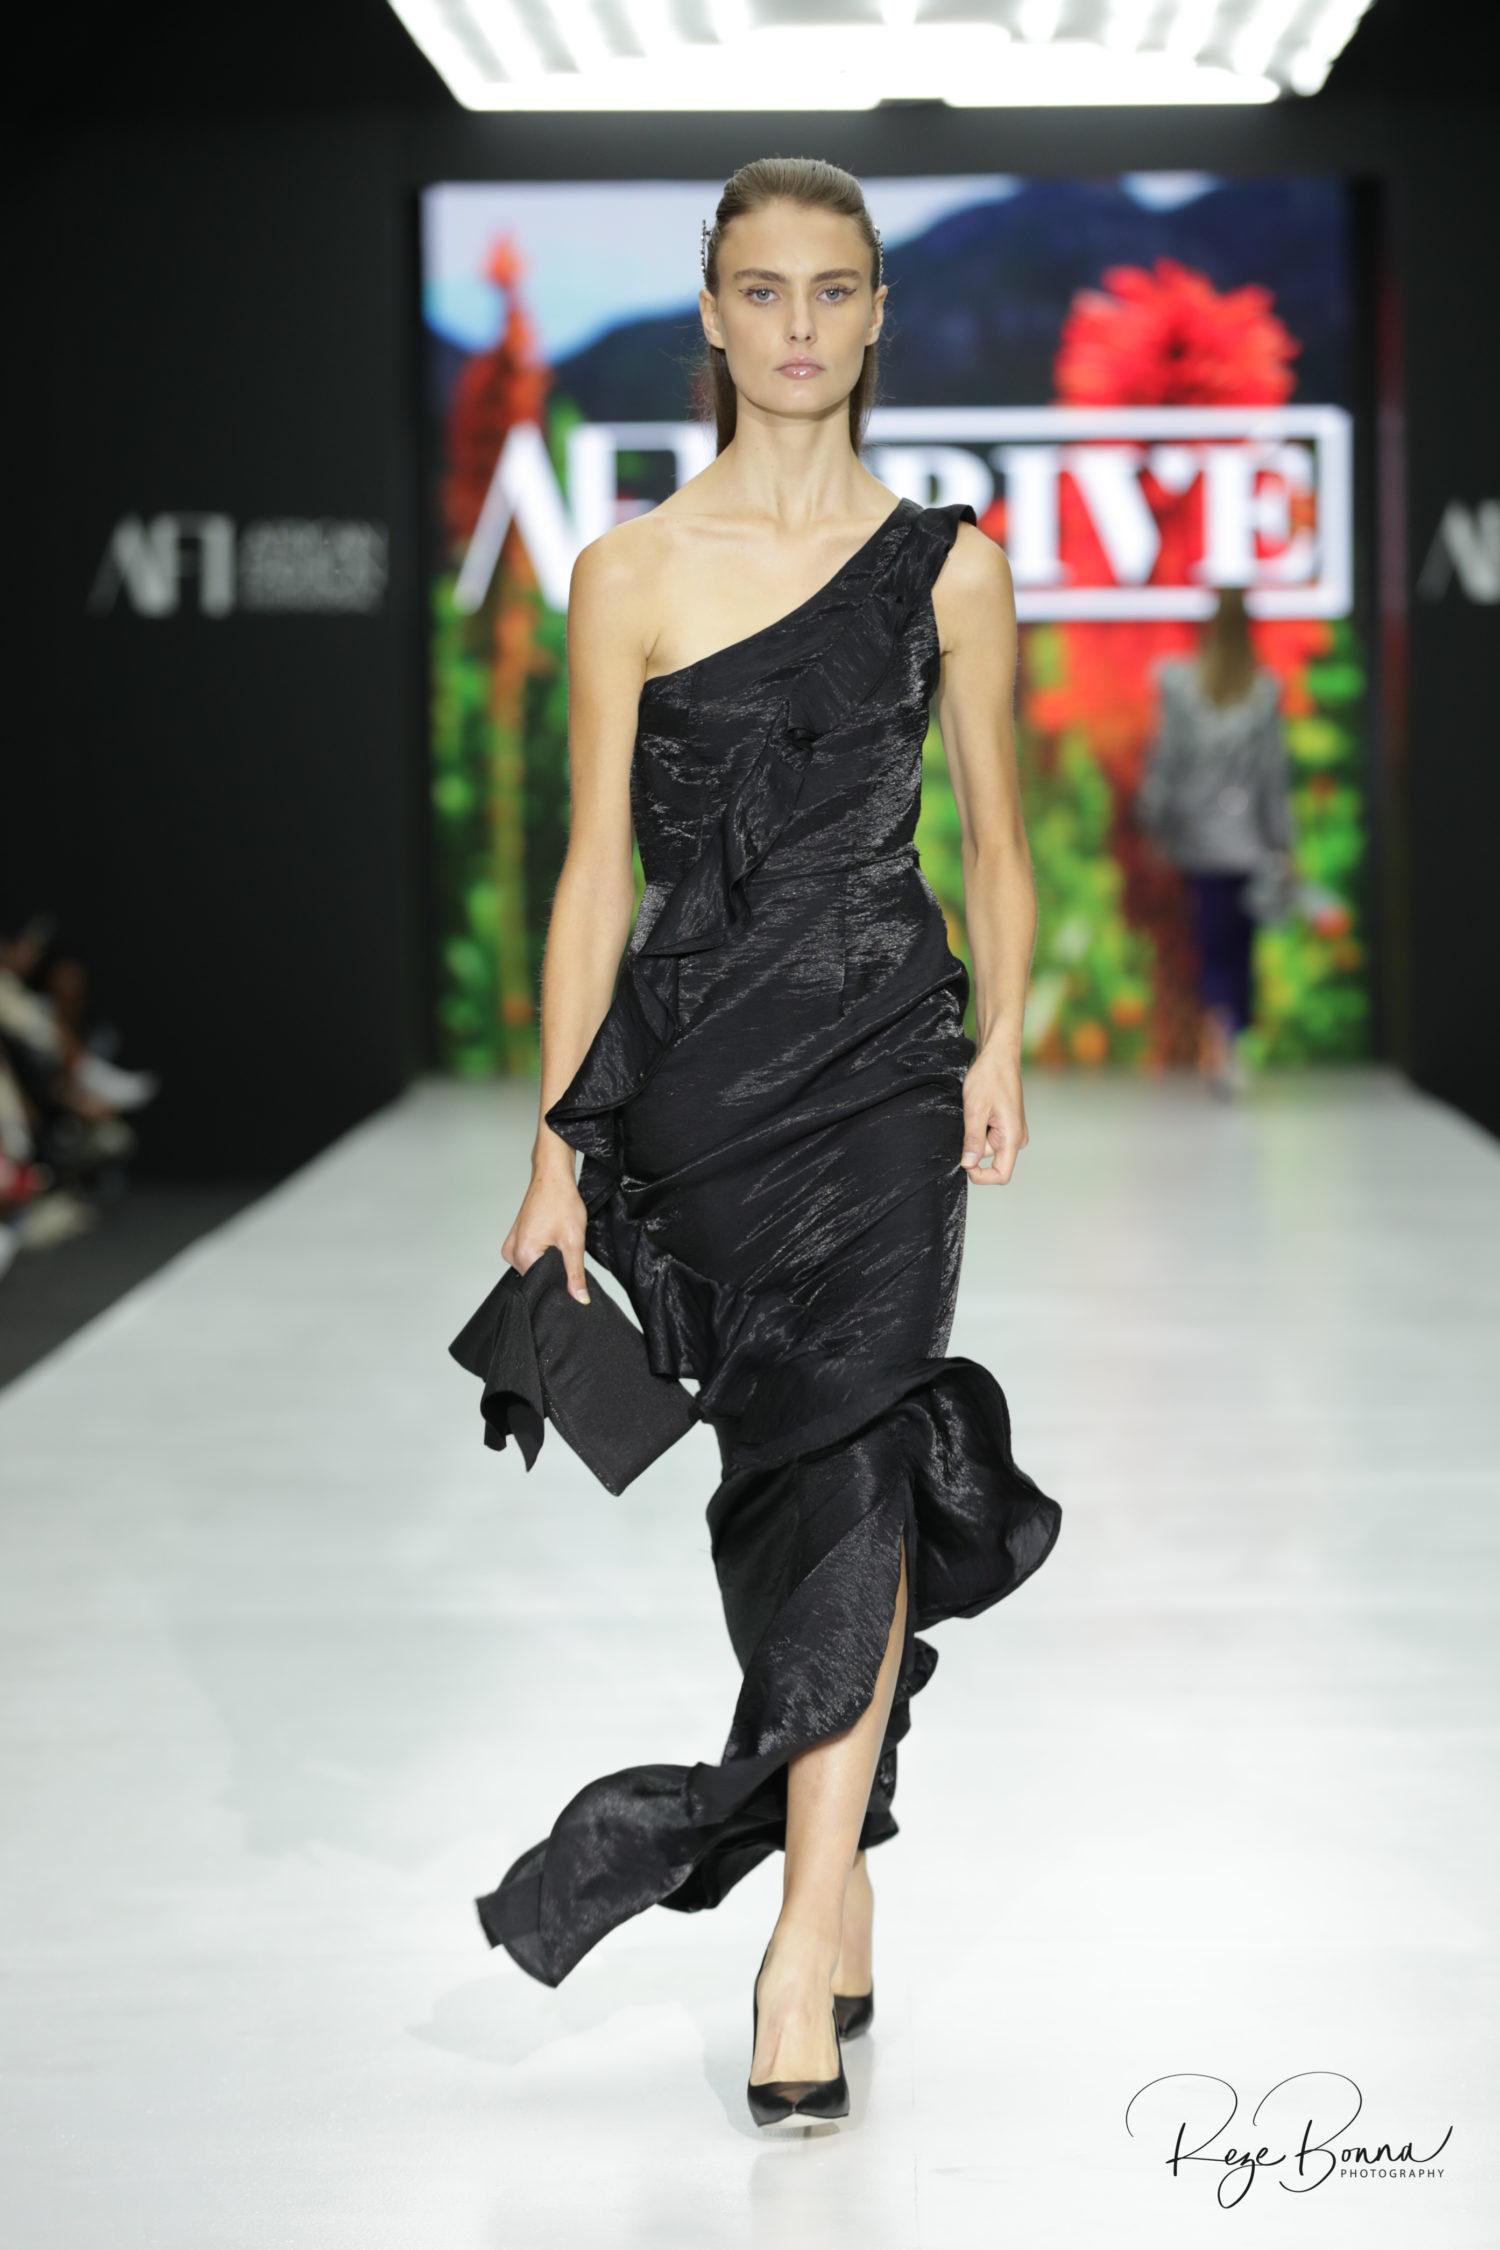 #AFICTFW18 | AFI Capetown Fashion Week AFI Prive